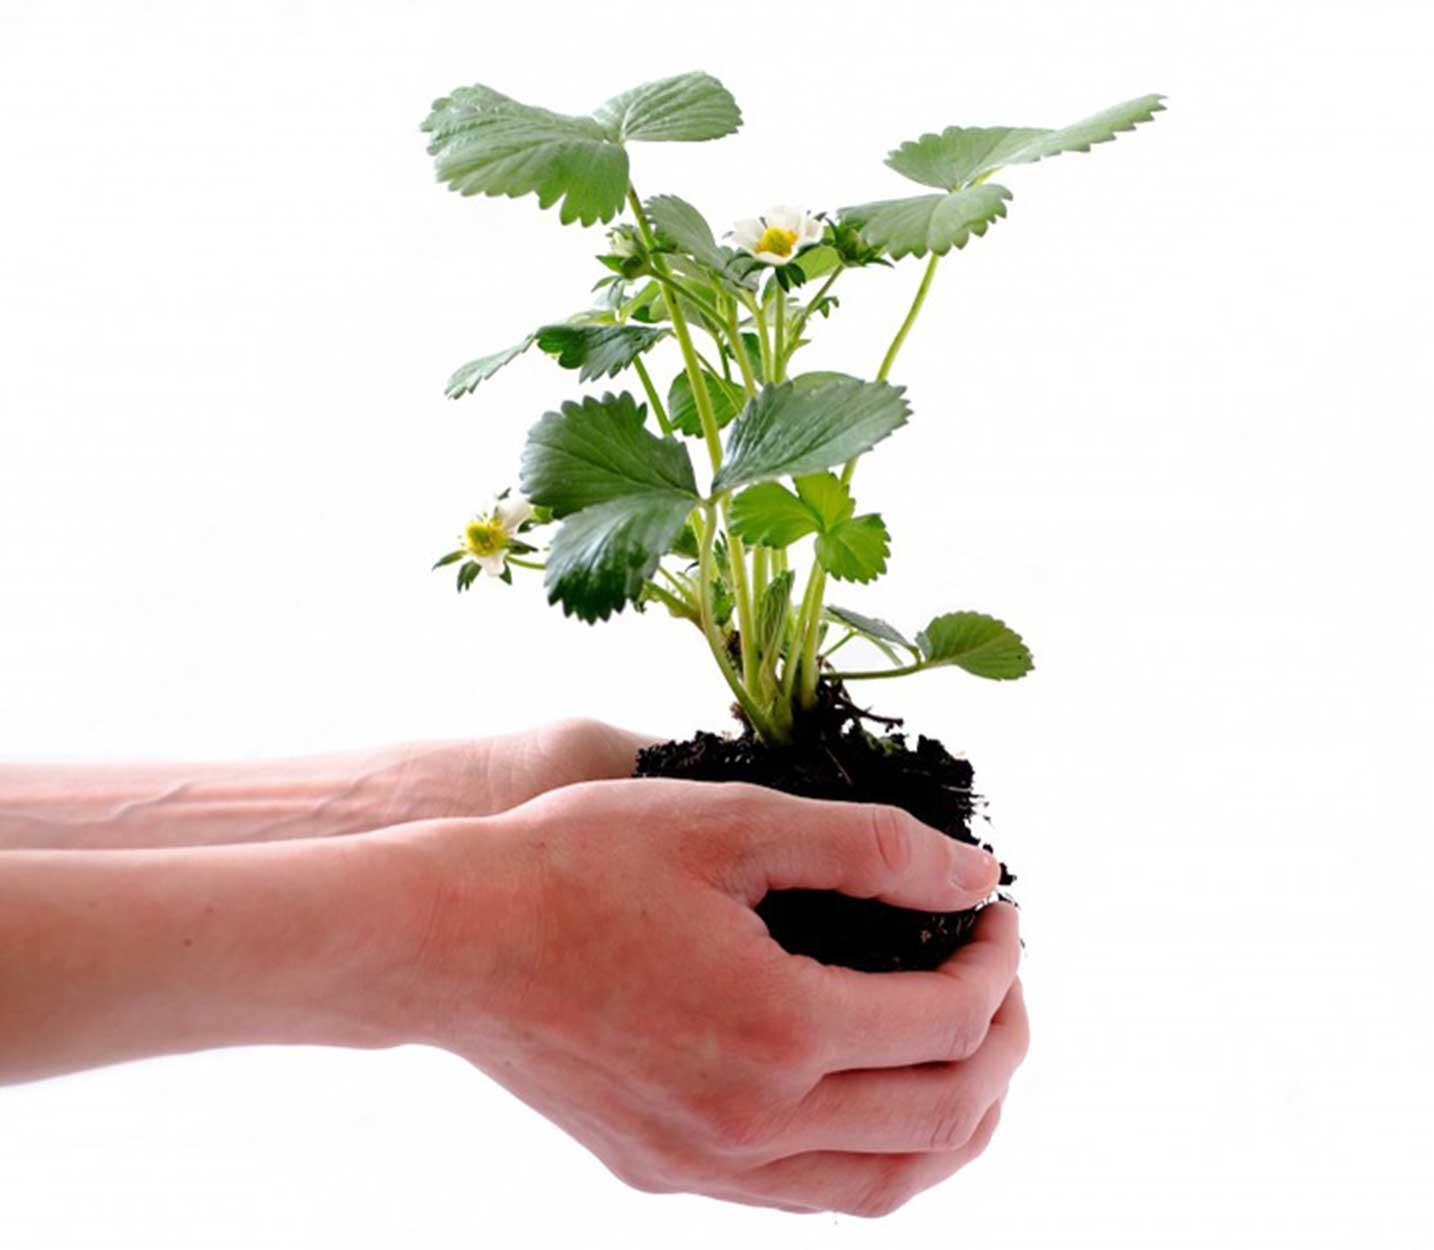 ofrecimiento de la planta para mejorar el medio ambiente